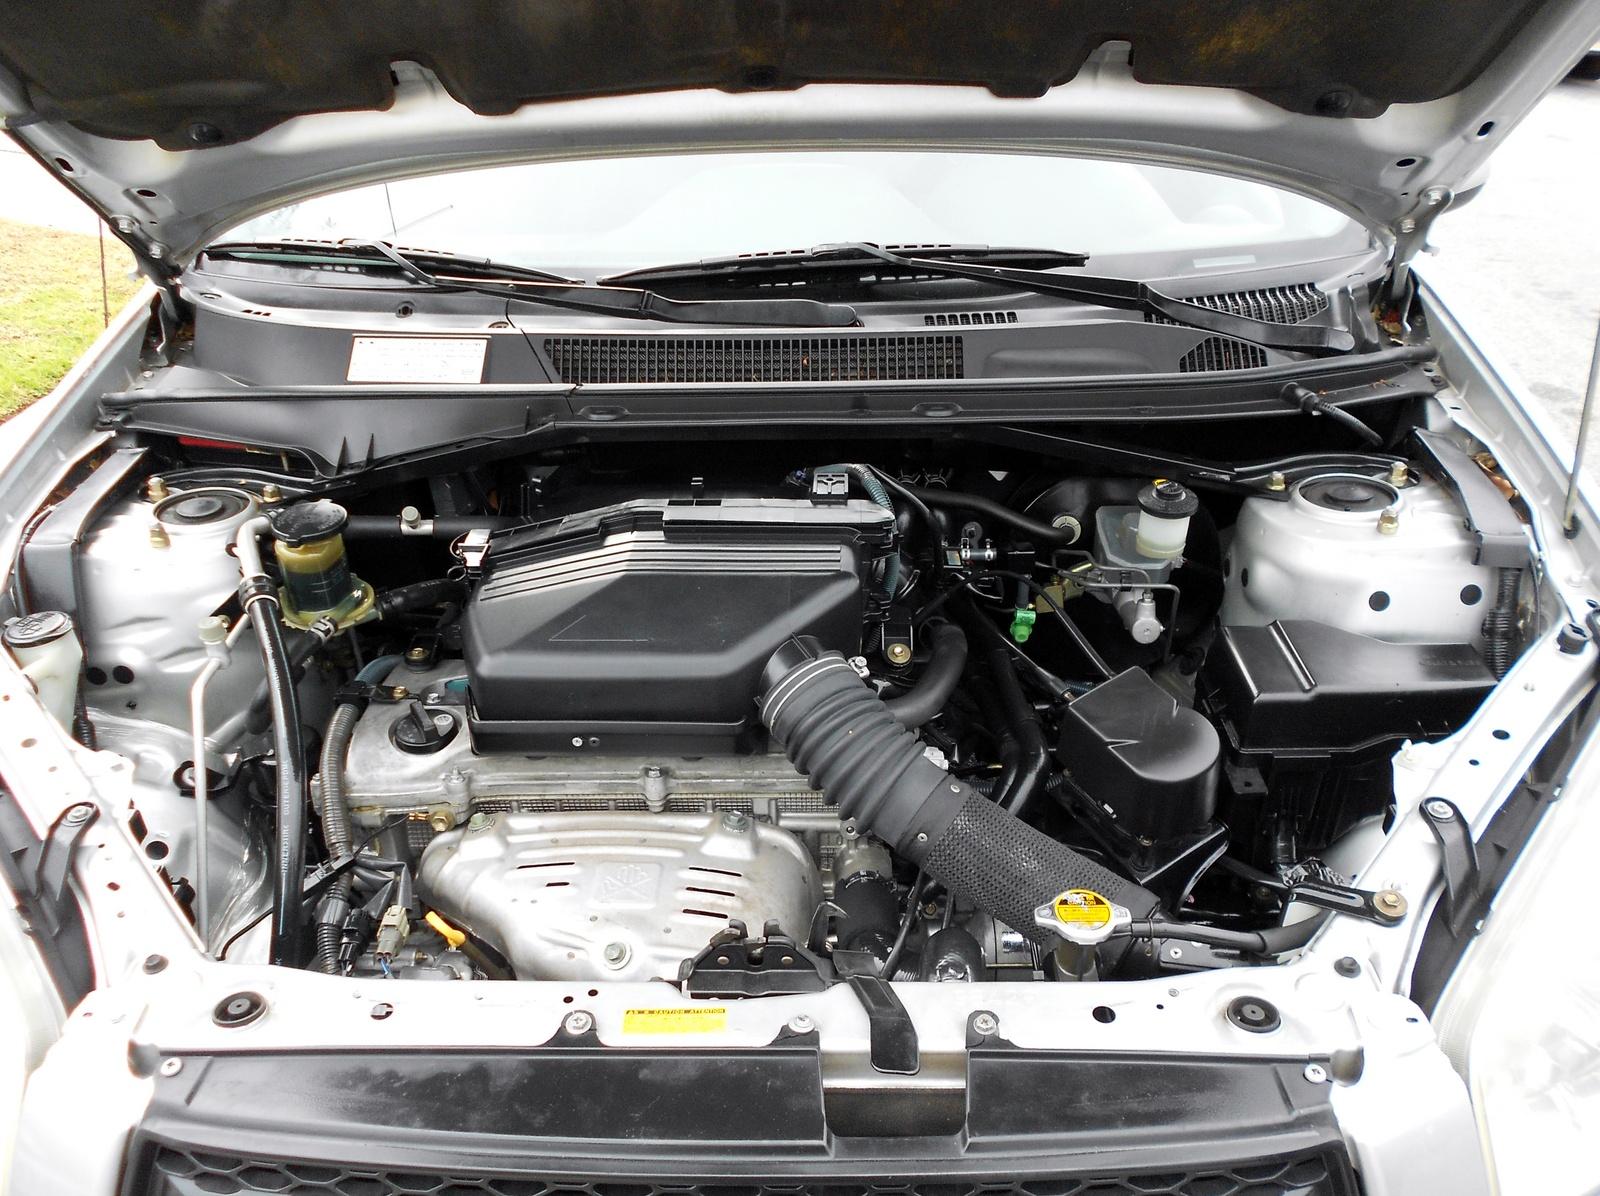 2001 Toyota Rav4 - Pictures